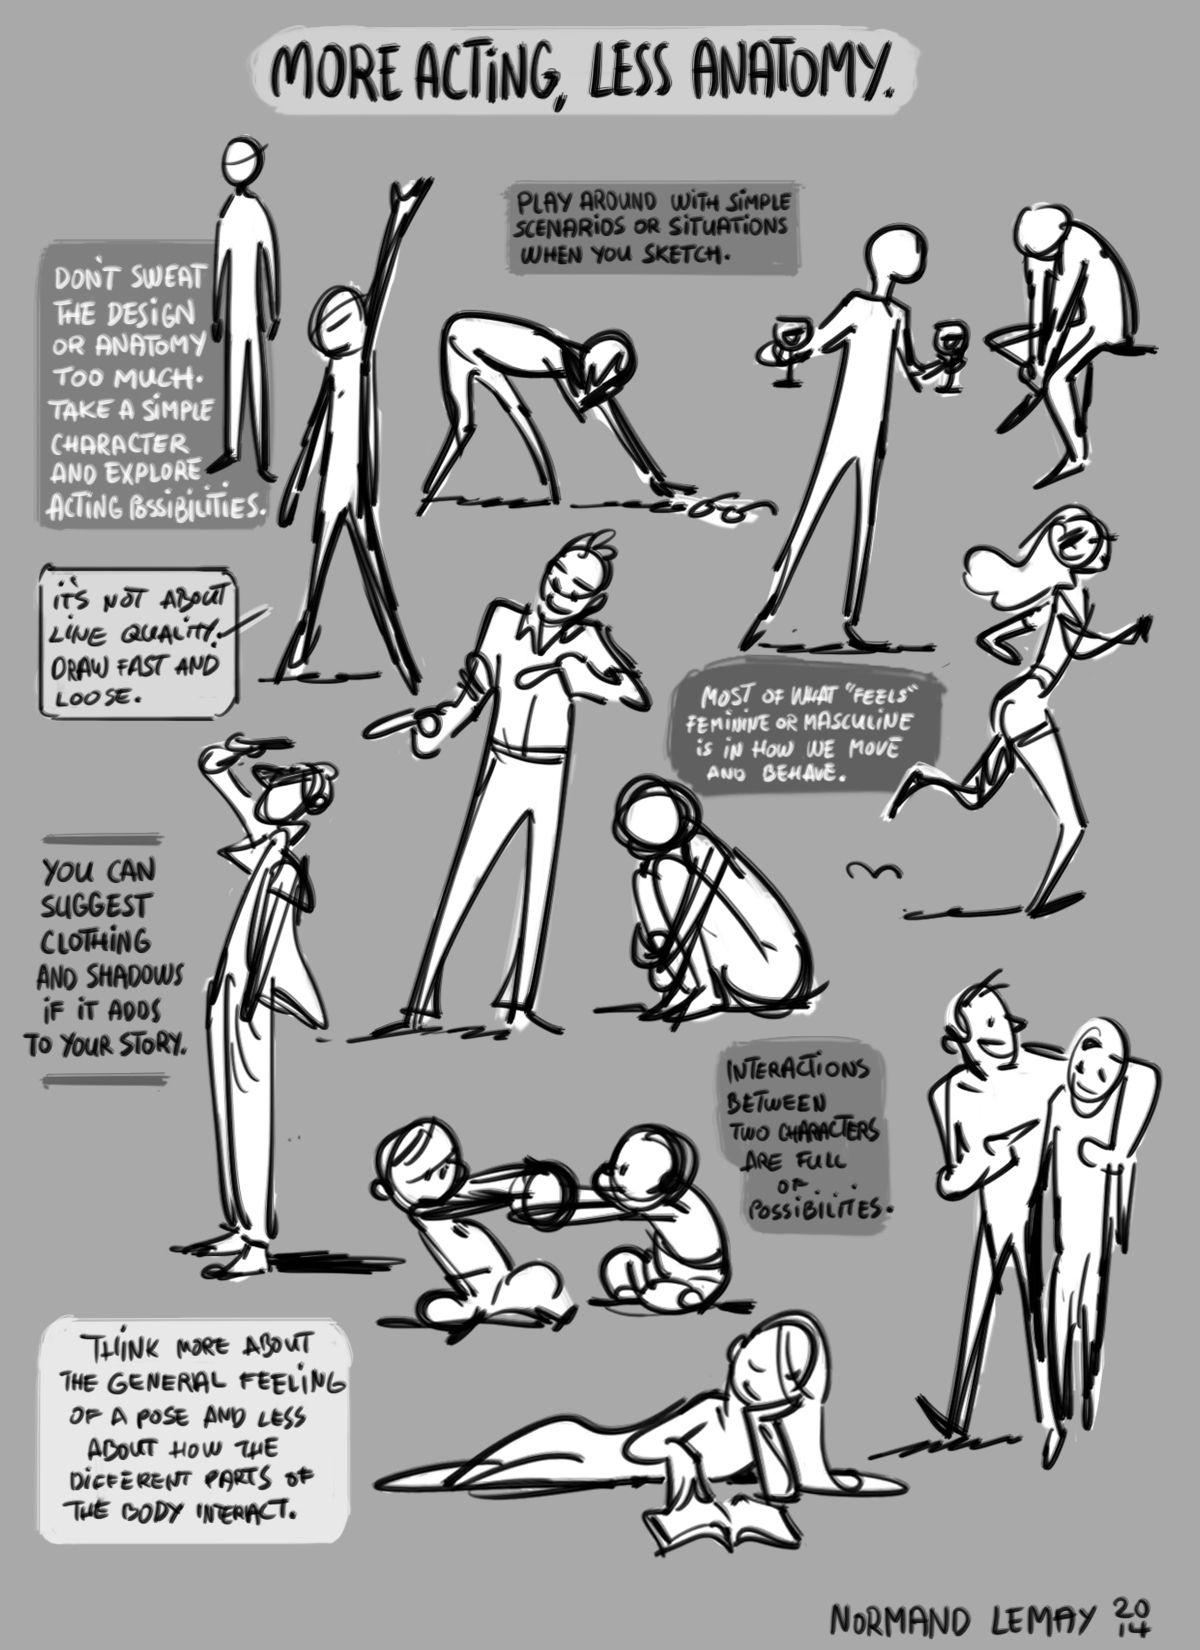 Cacha Las Acciones Amiguitou Tutorial De Dibujo Dibujo De Posturas Tutoriales De Dibujo